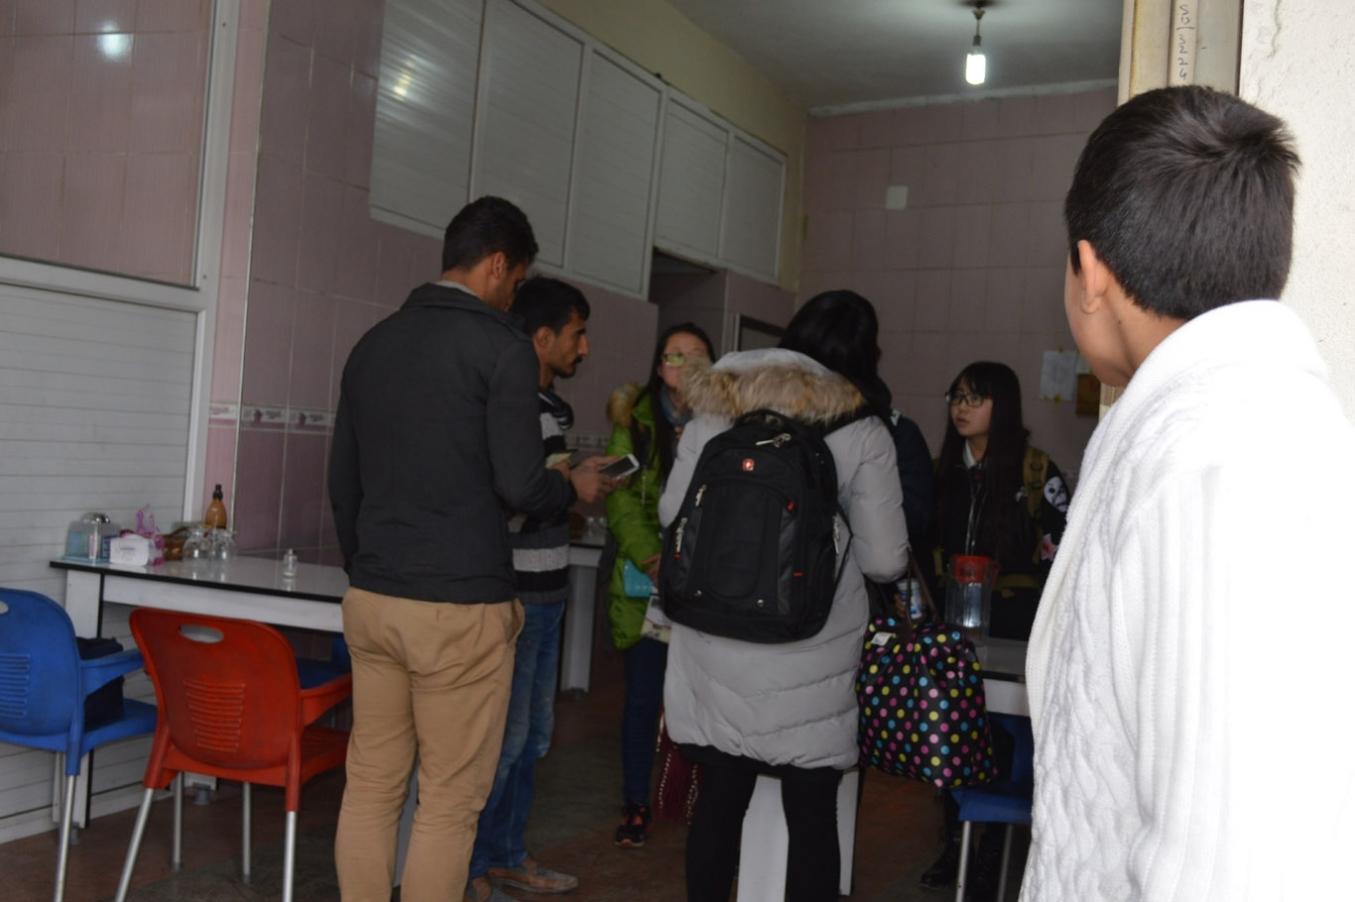 Urfalılar misyonerlik faliyetlerine tepkili